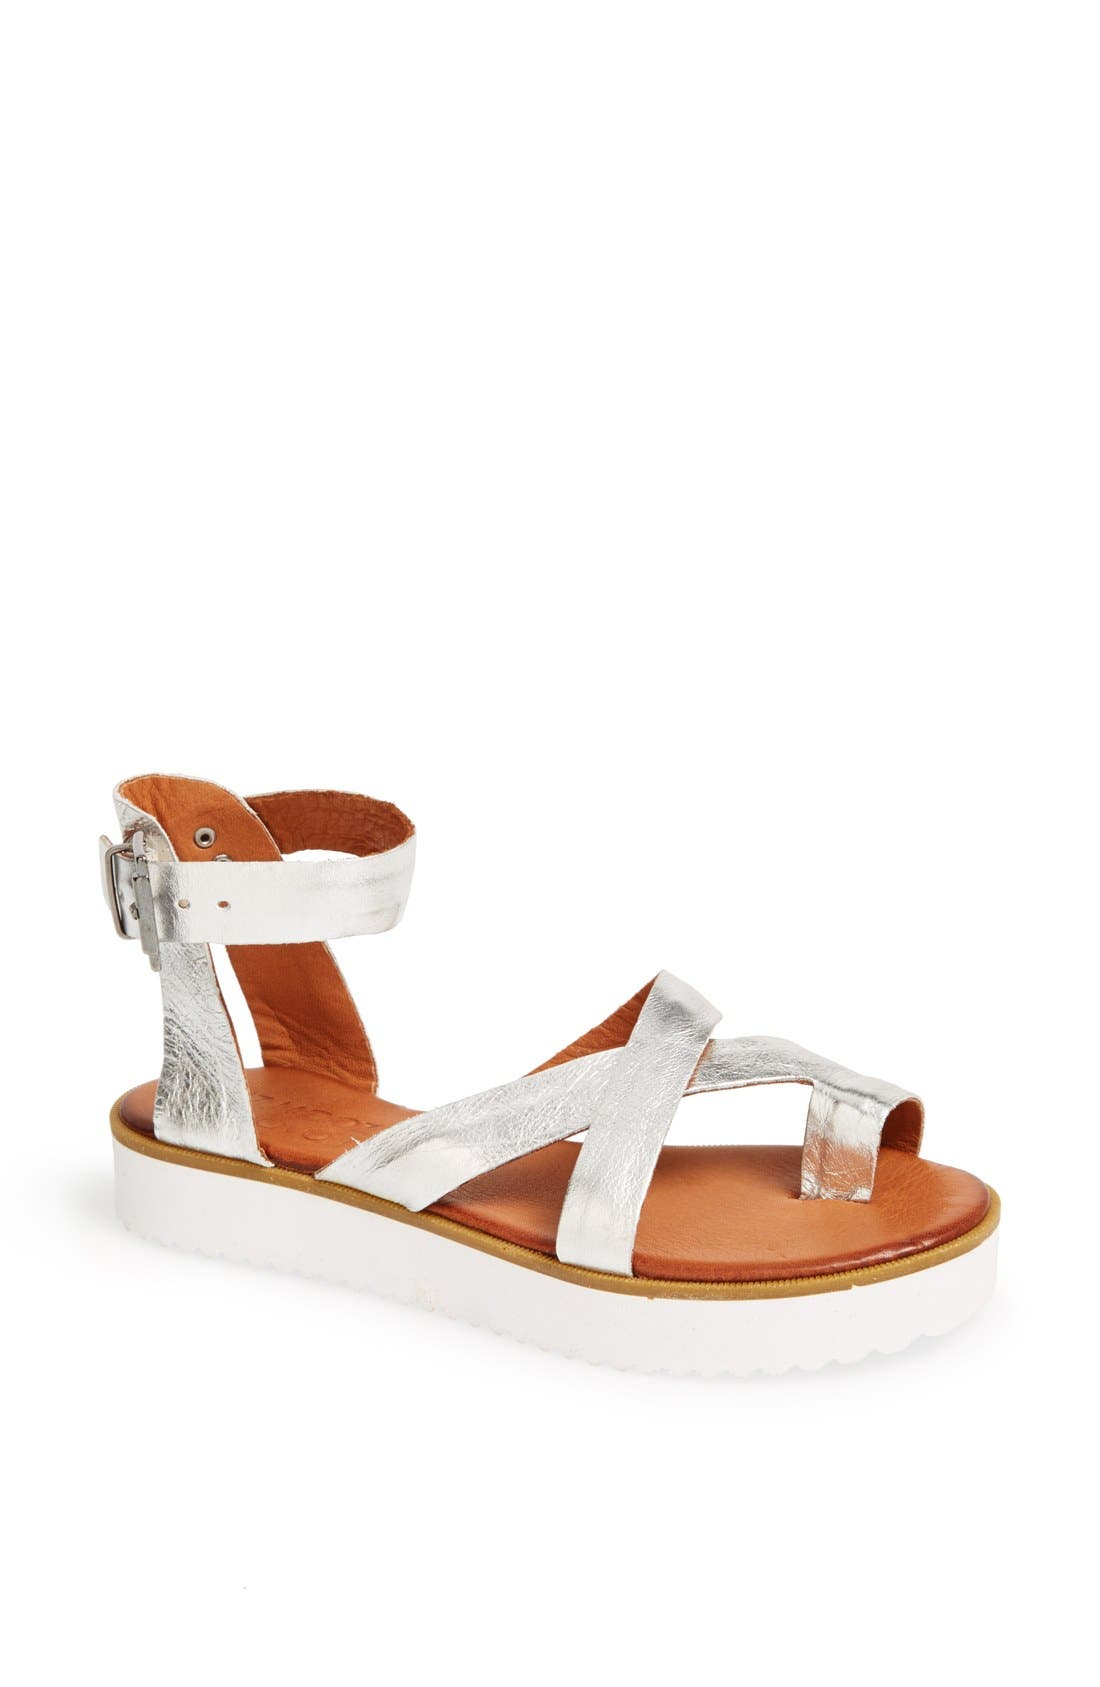 Main Image - Miz Mooz 'Gable' Sandal